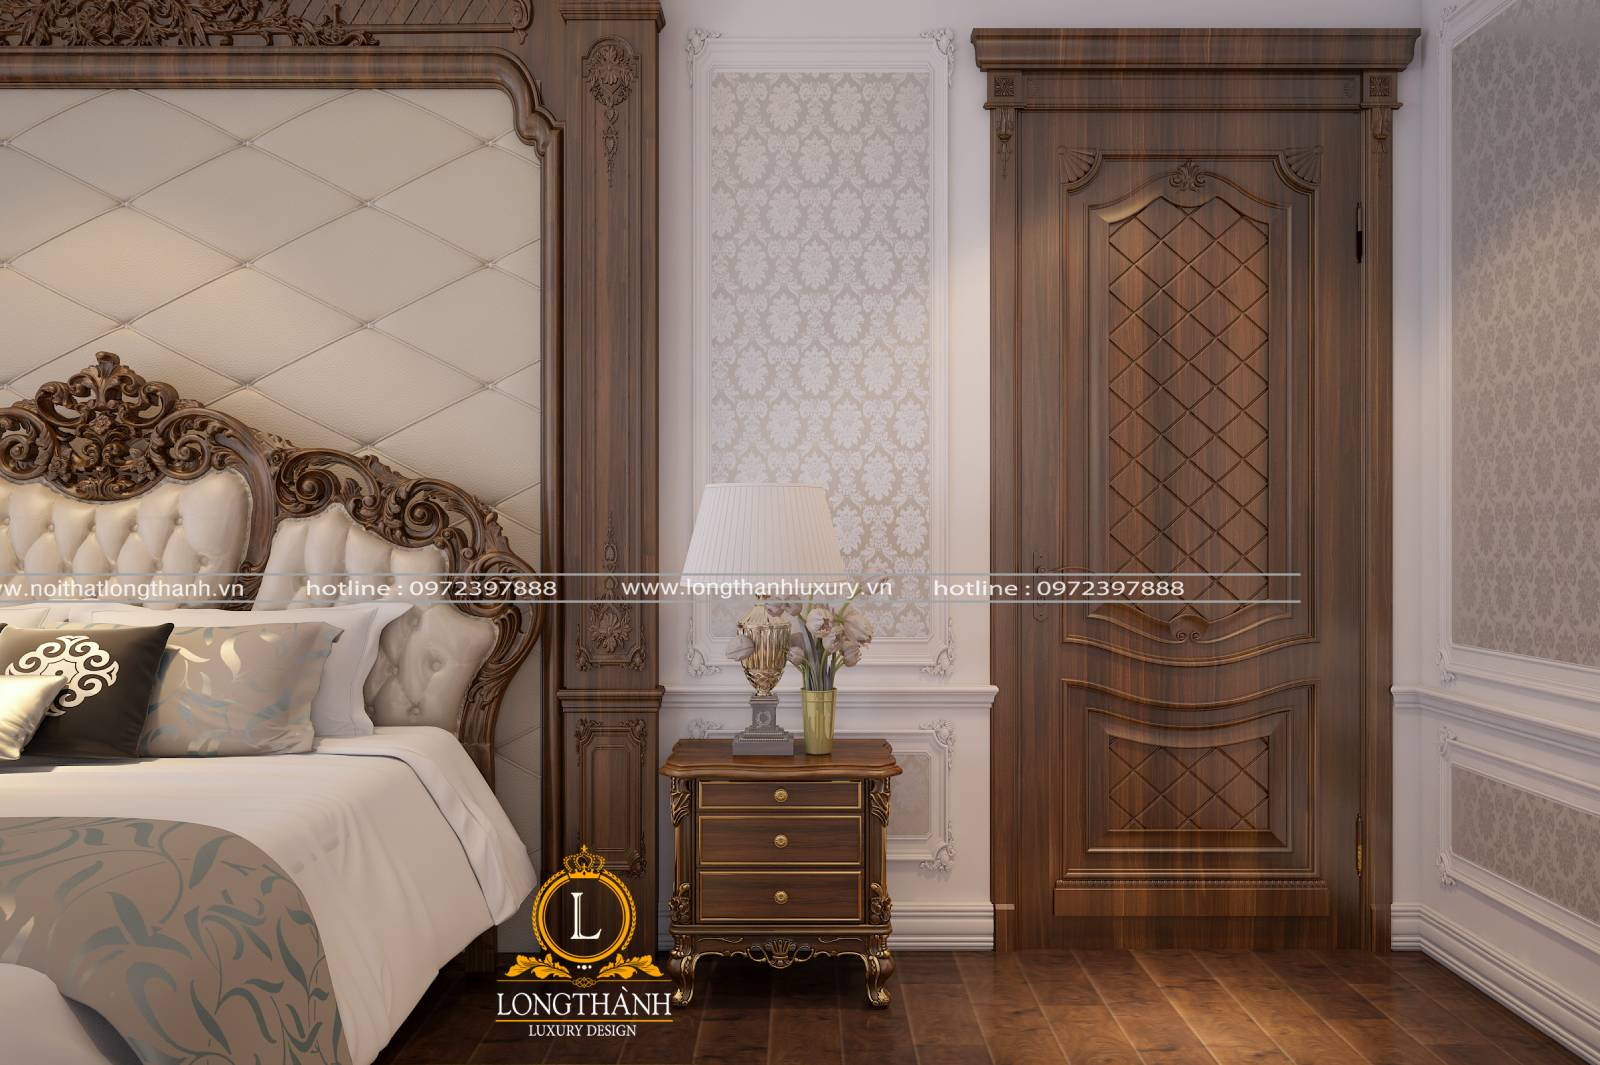 Thiết kế cửa gỗ tự nhiên nguyên khối làm từ gỗ Óc chó sang trọng